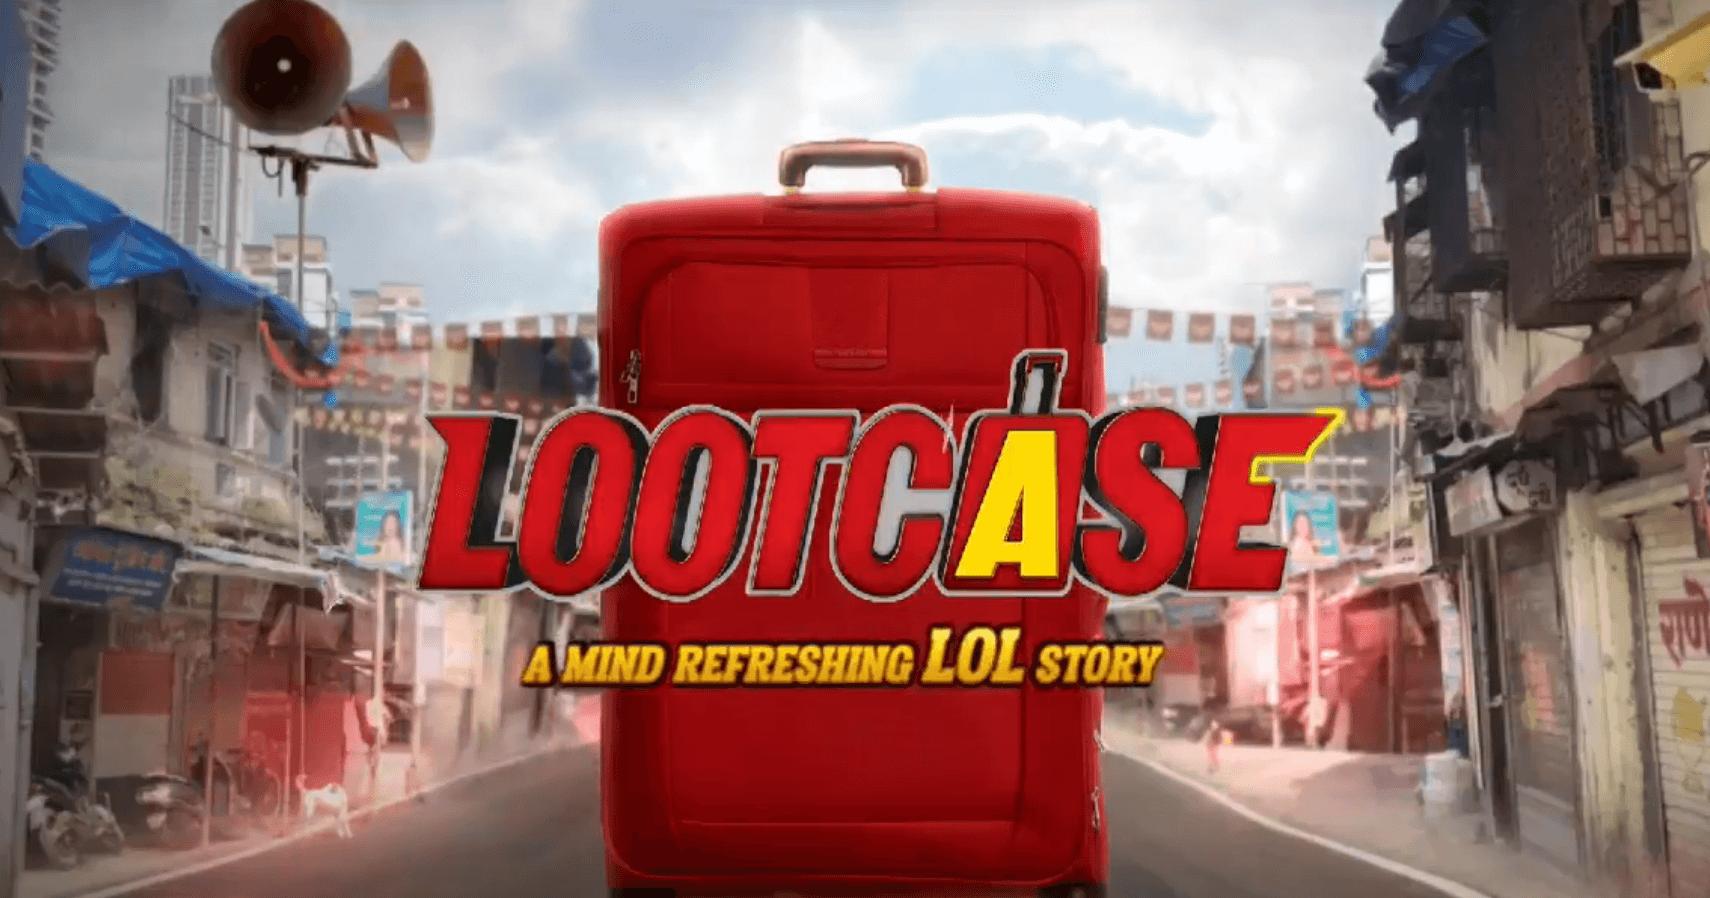 Lootcast Hindi Movie